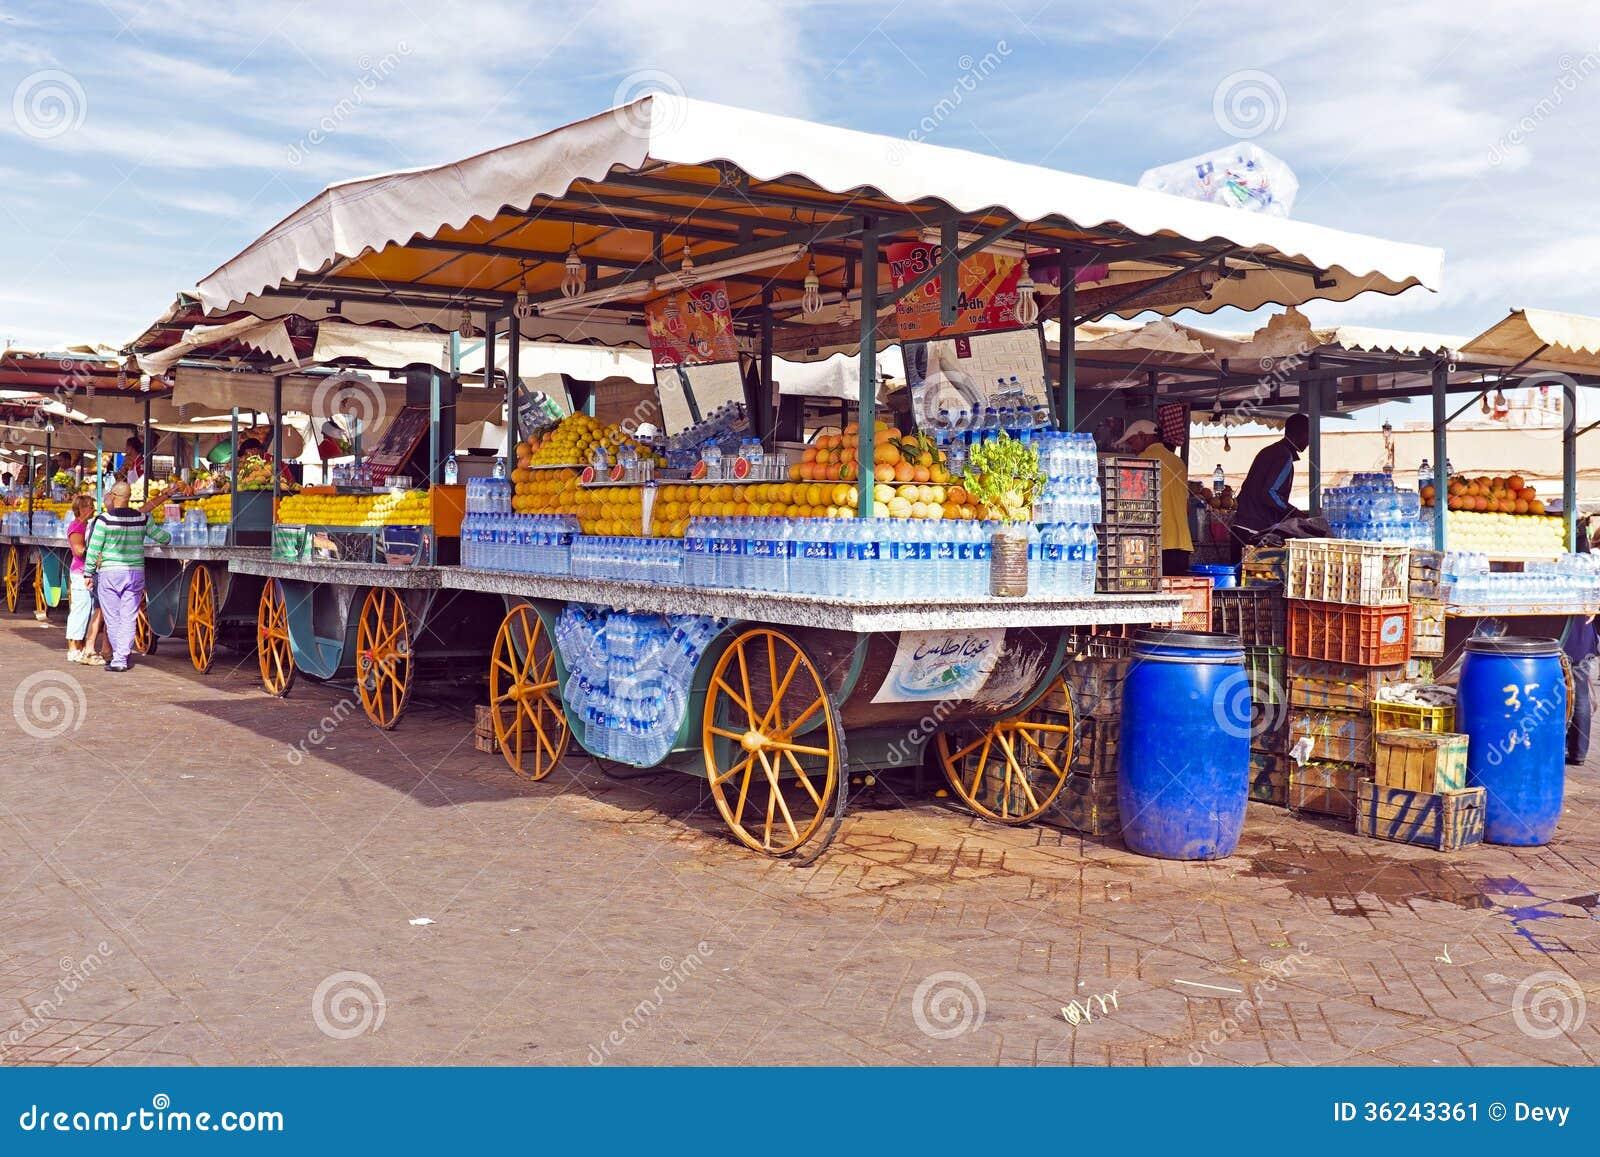 Stånd med frukter i Marrakech Marocko